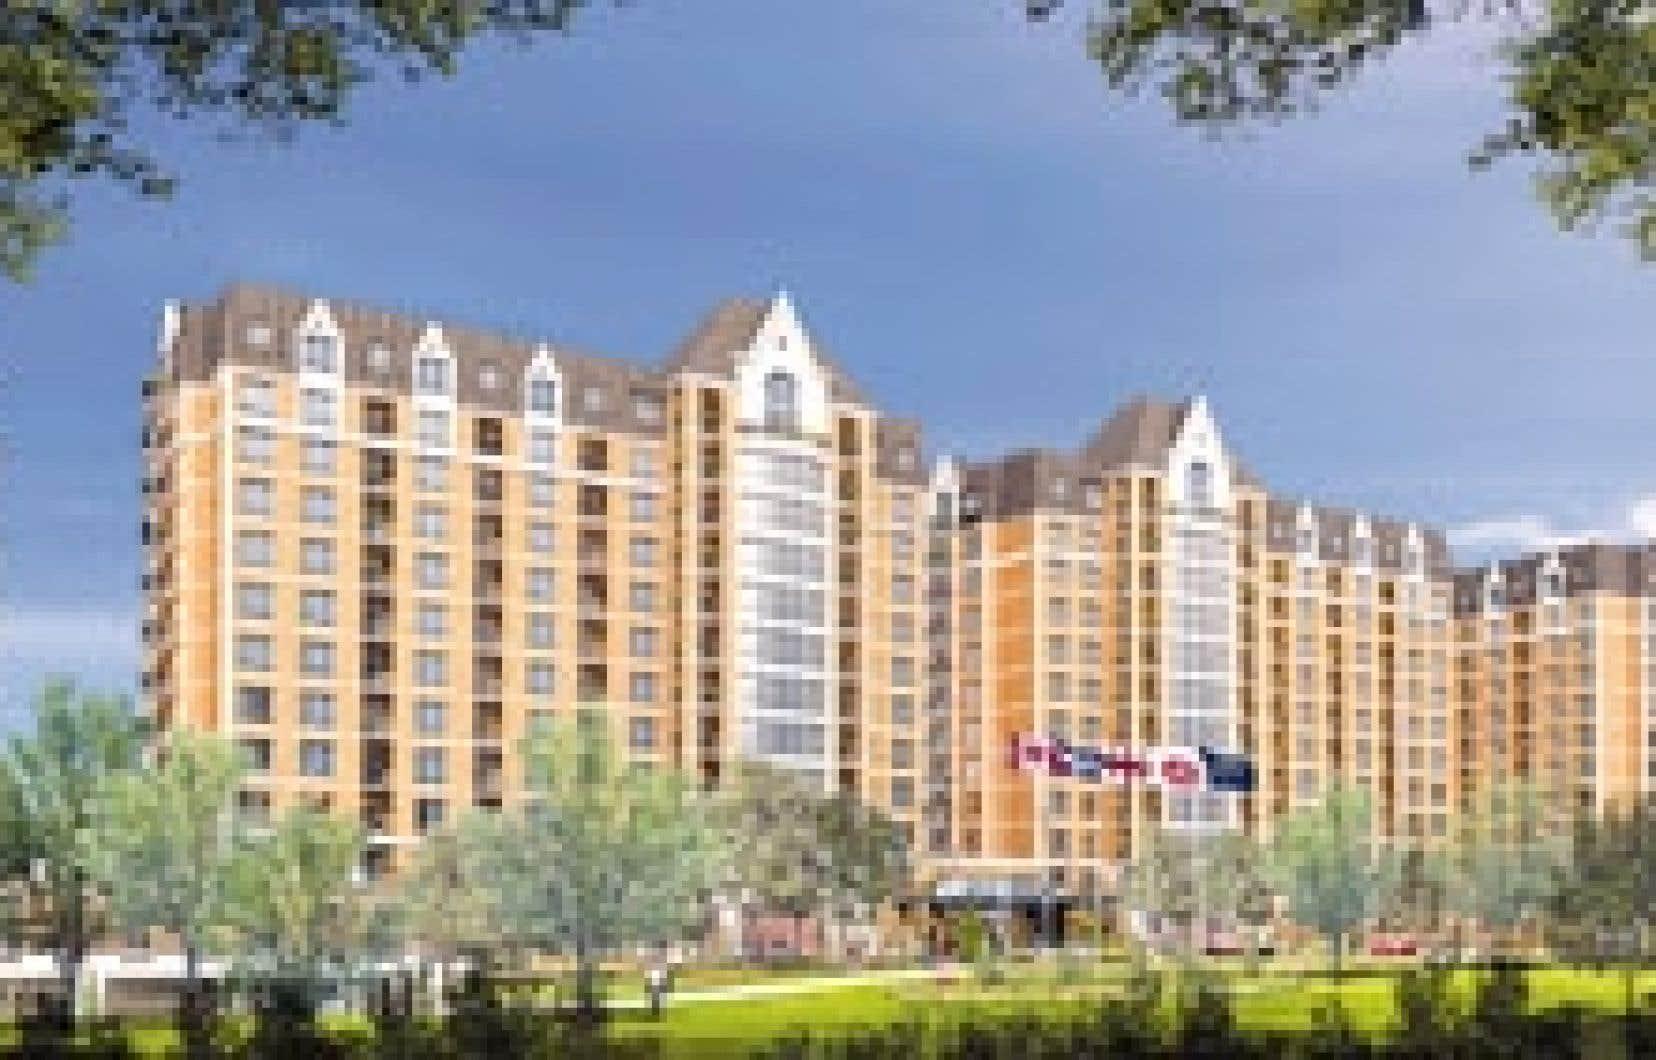 Construit au coût de 140 millions de dollars, le Lux Gouverneur comprendra au total plus de 900 appartements, répartis dans cinq immeubles de 12 étages.